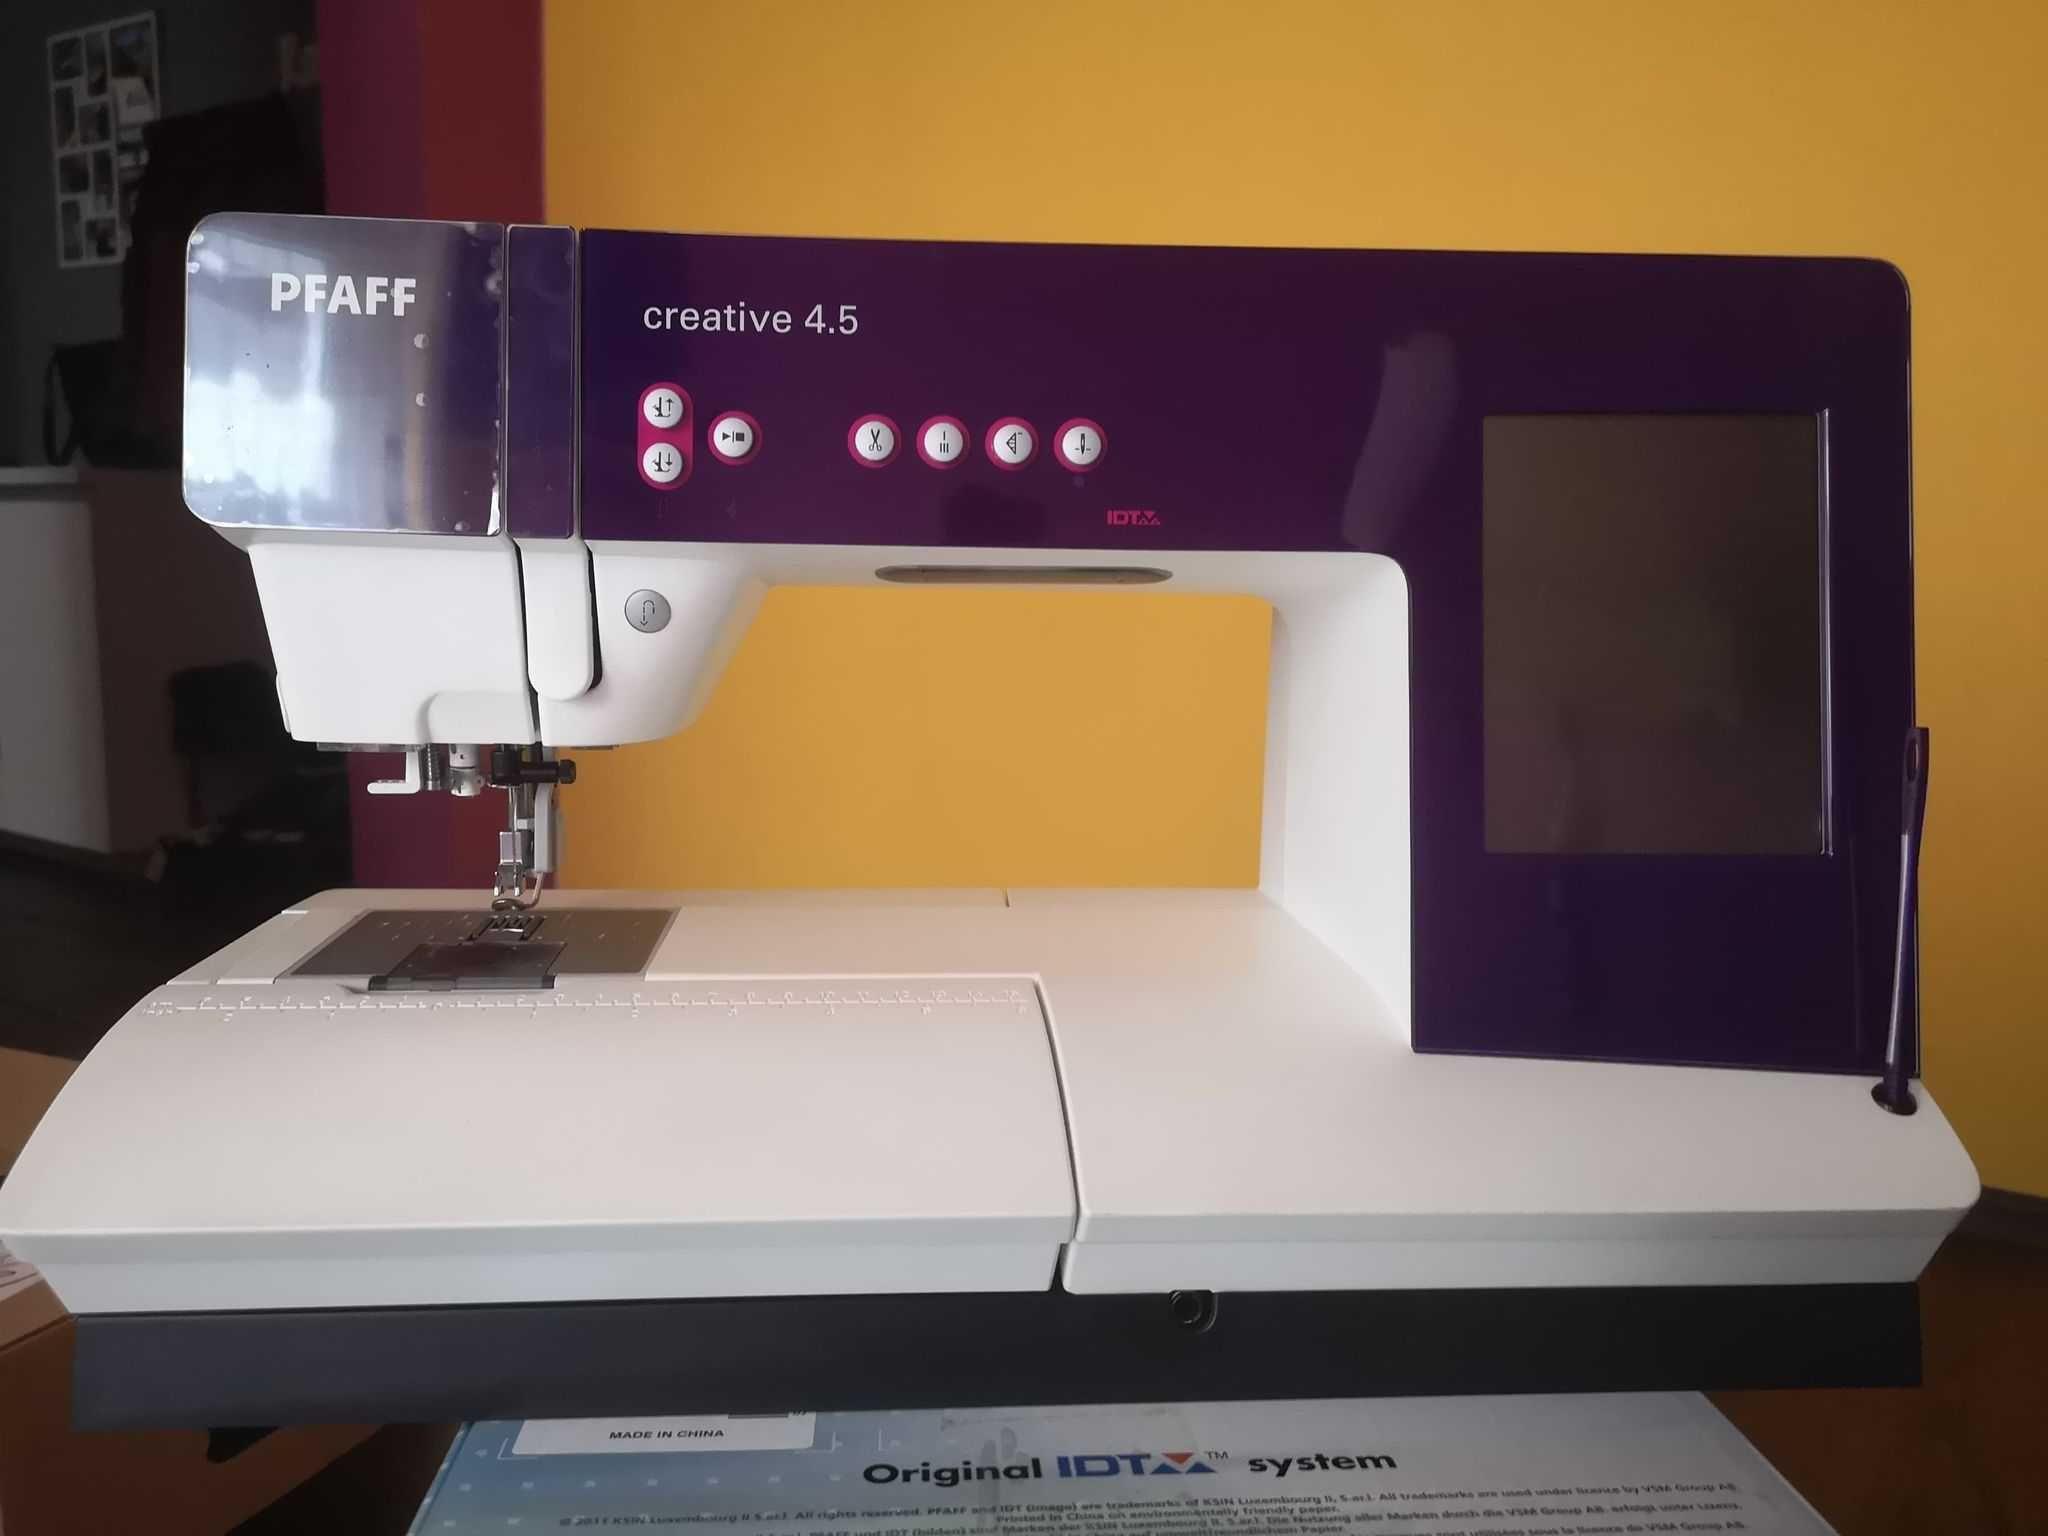 Maszyna do szycia Pfaff Creative 4.5 BEZ HAFCIARKI